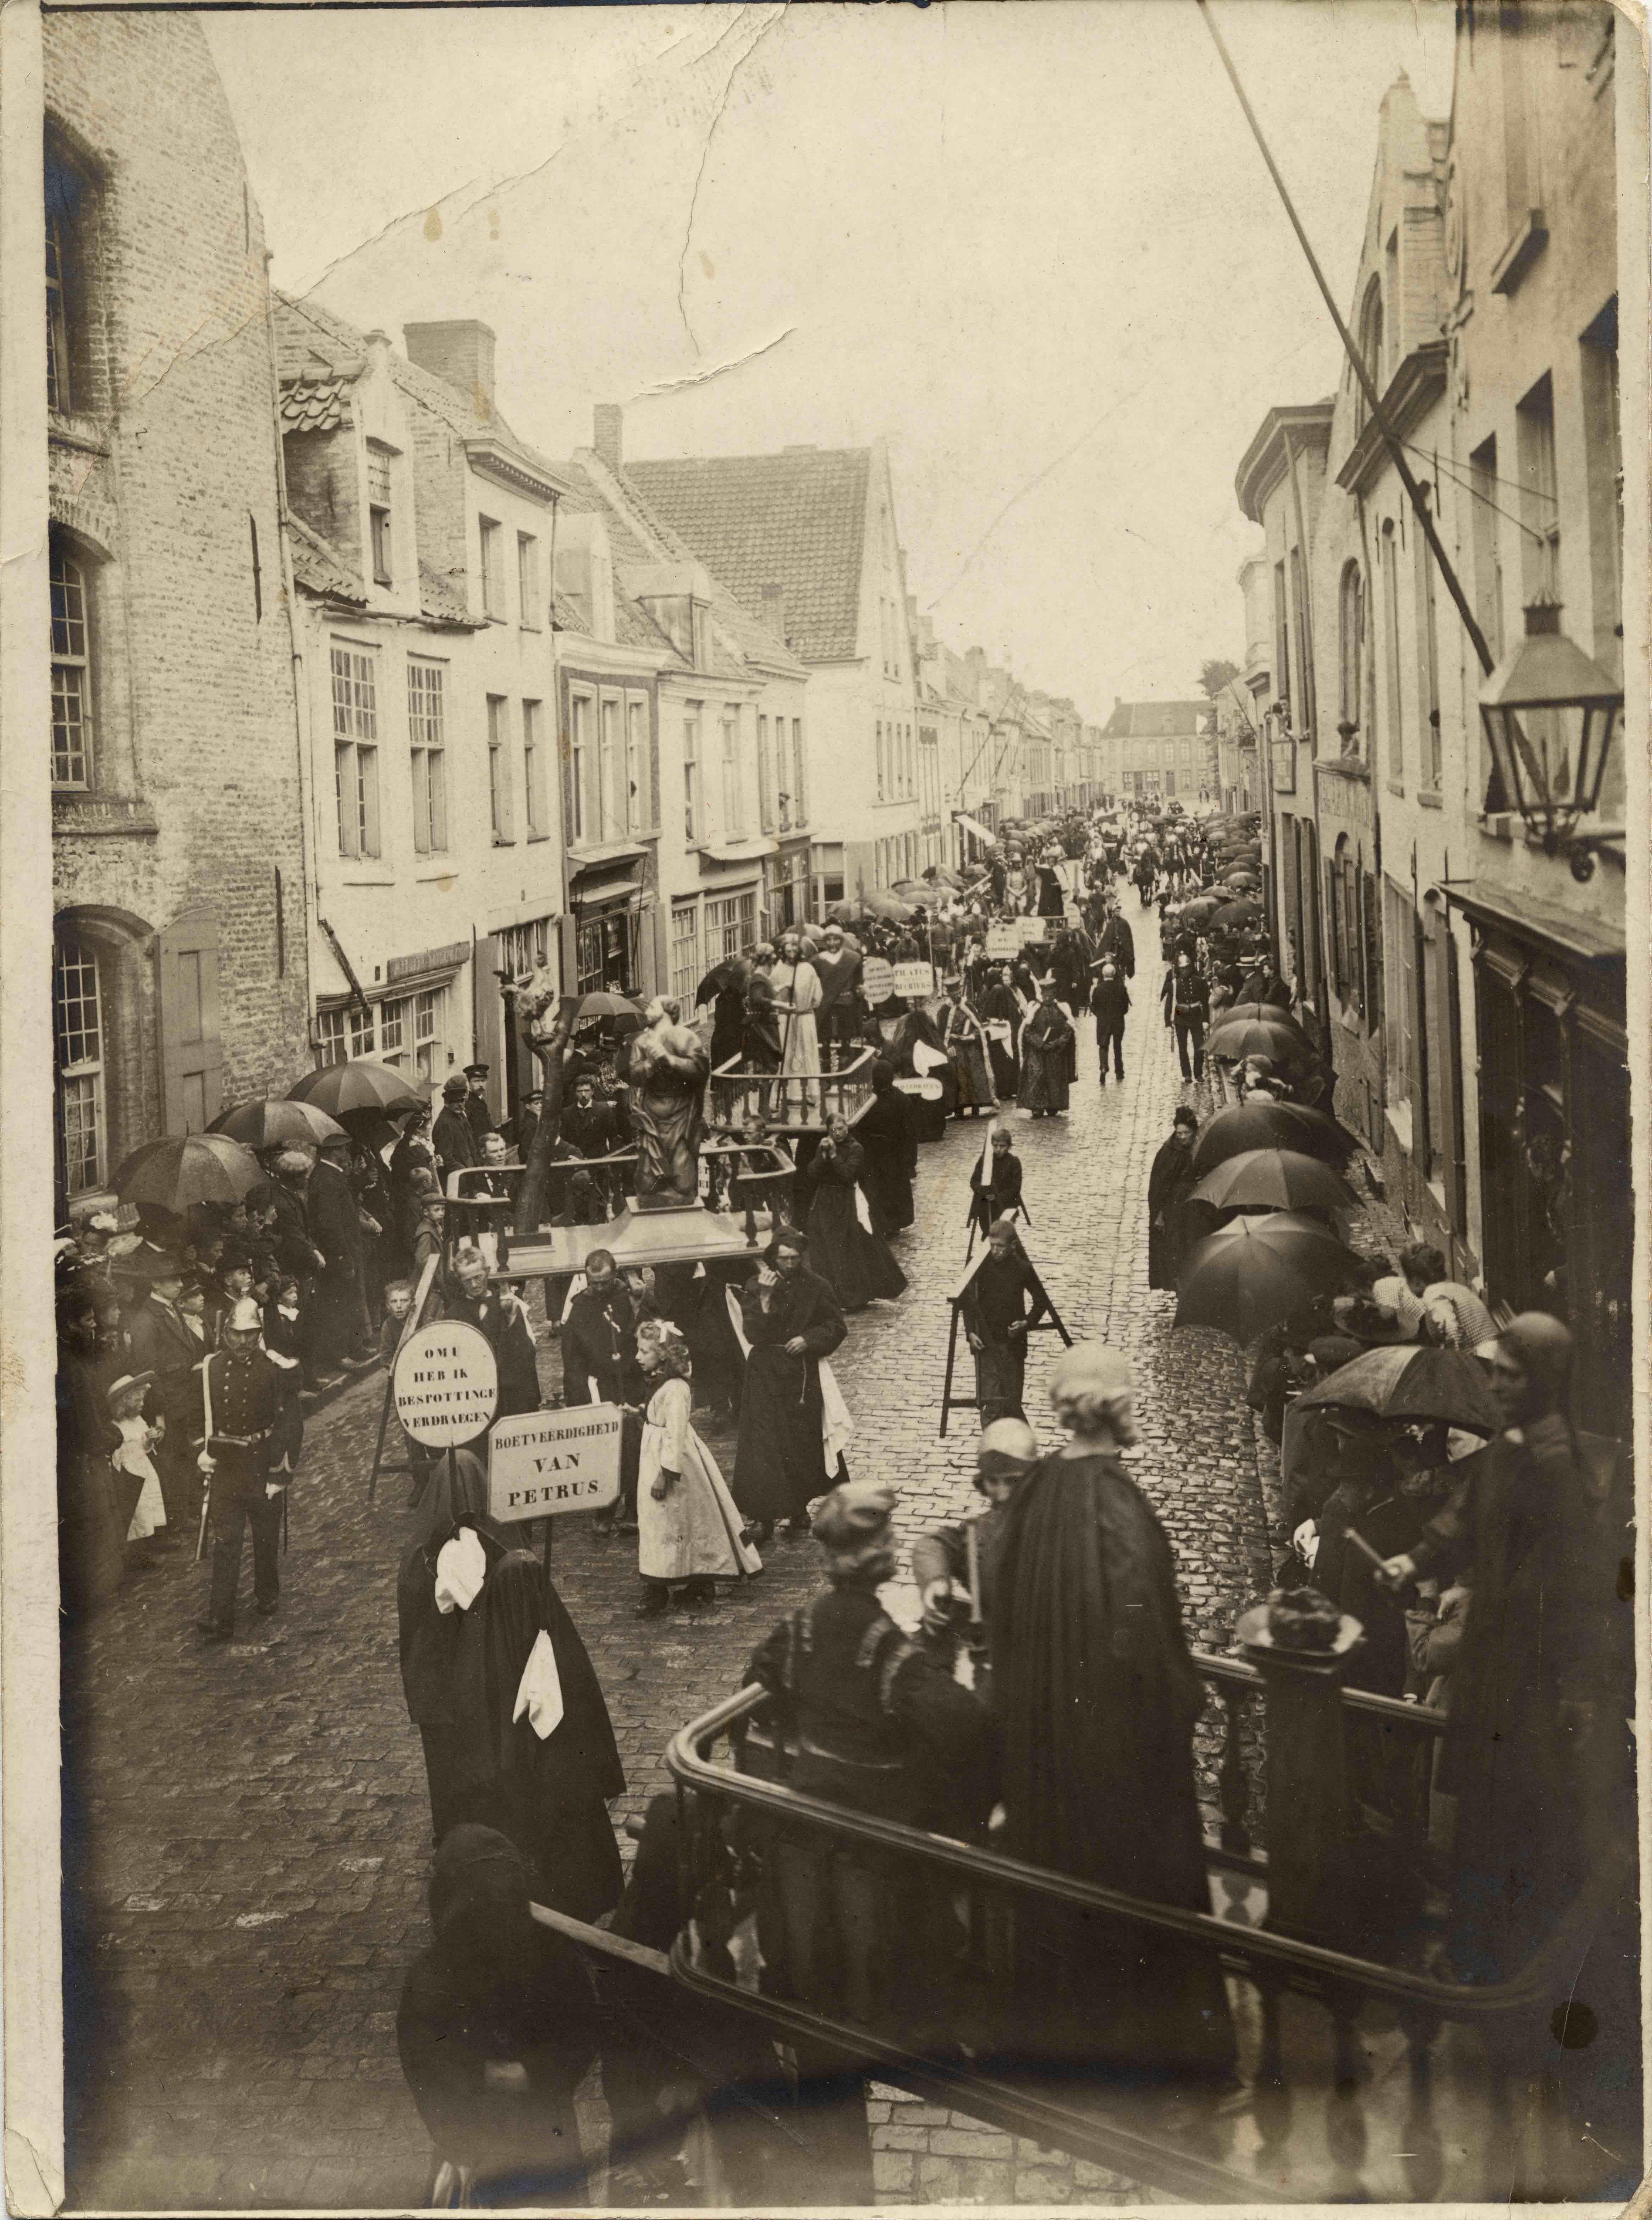 Religious parade in Belgium